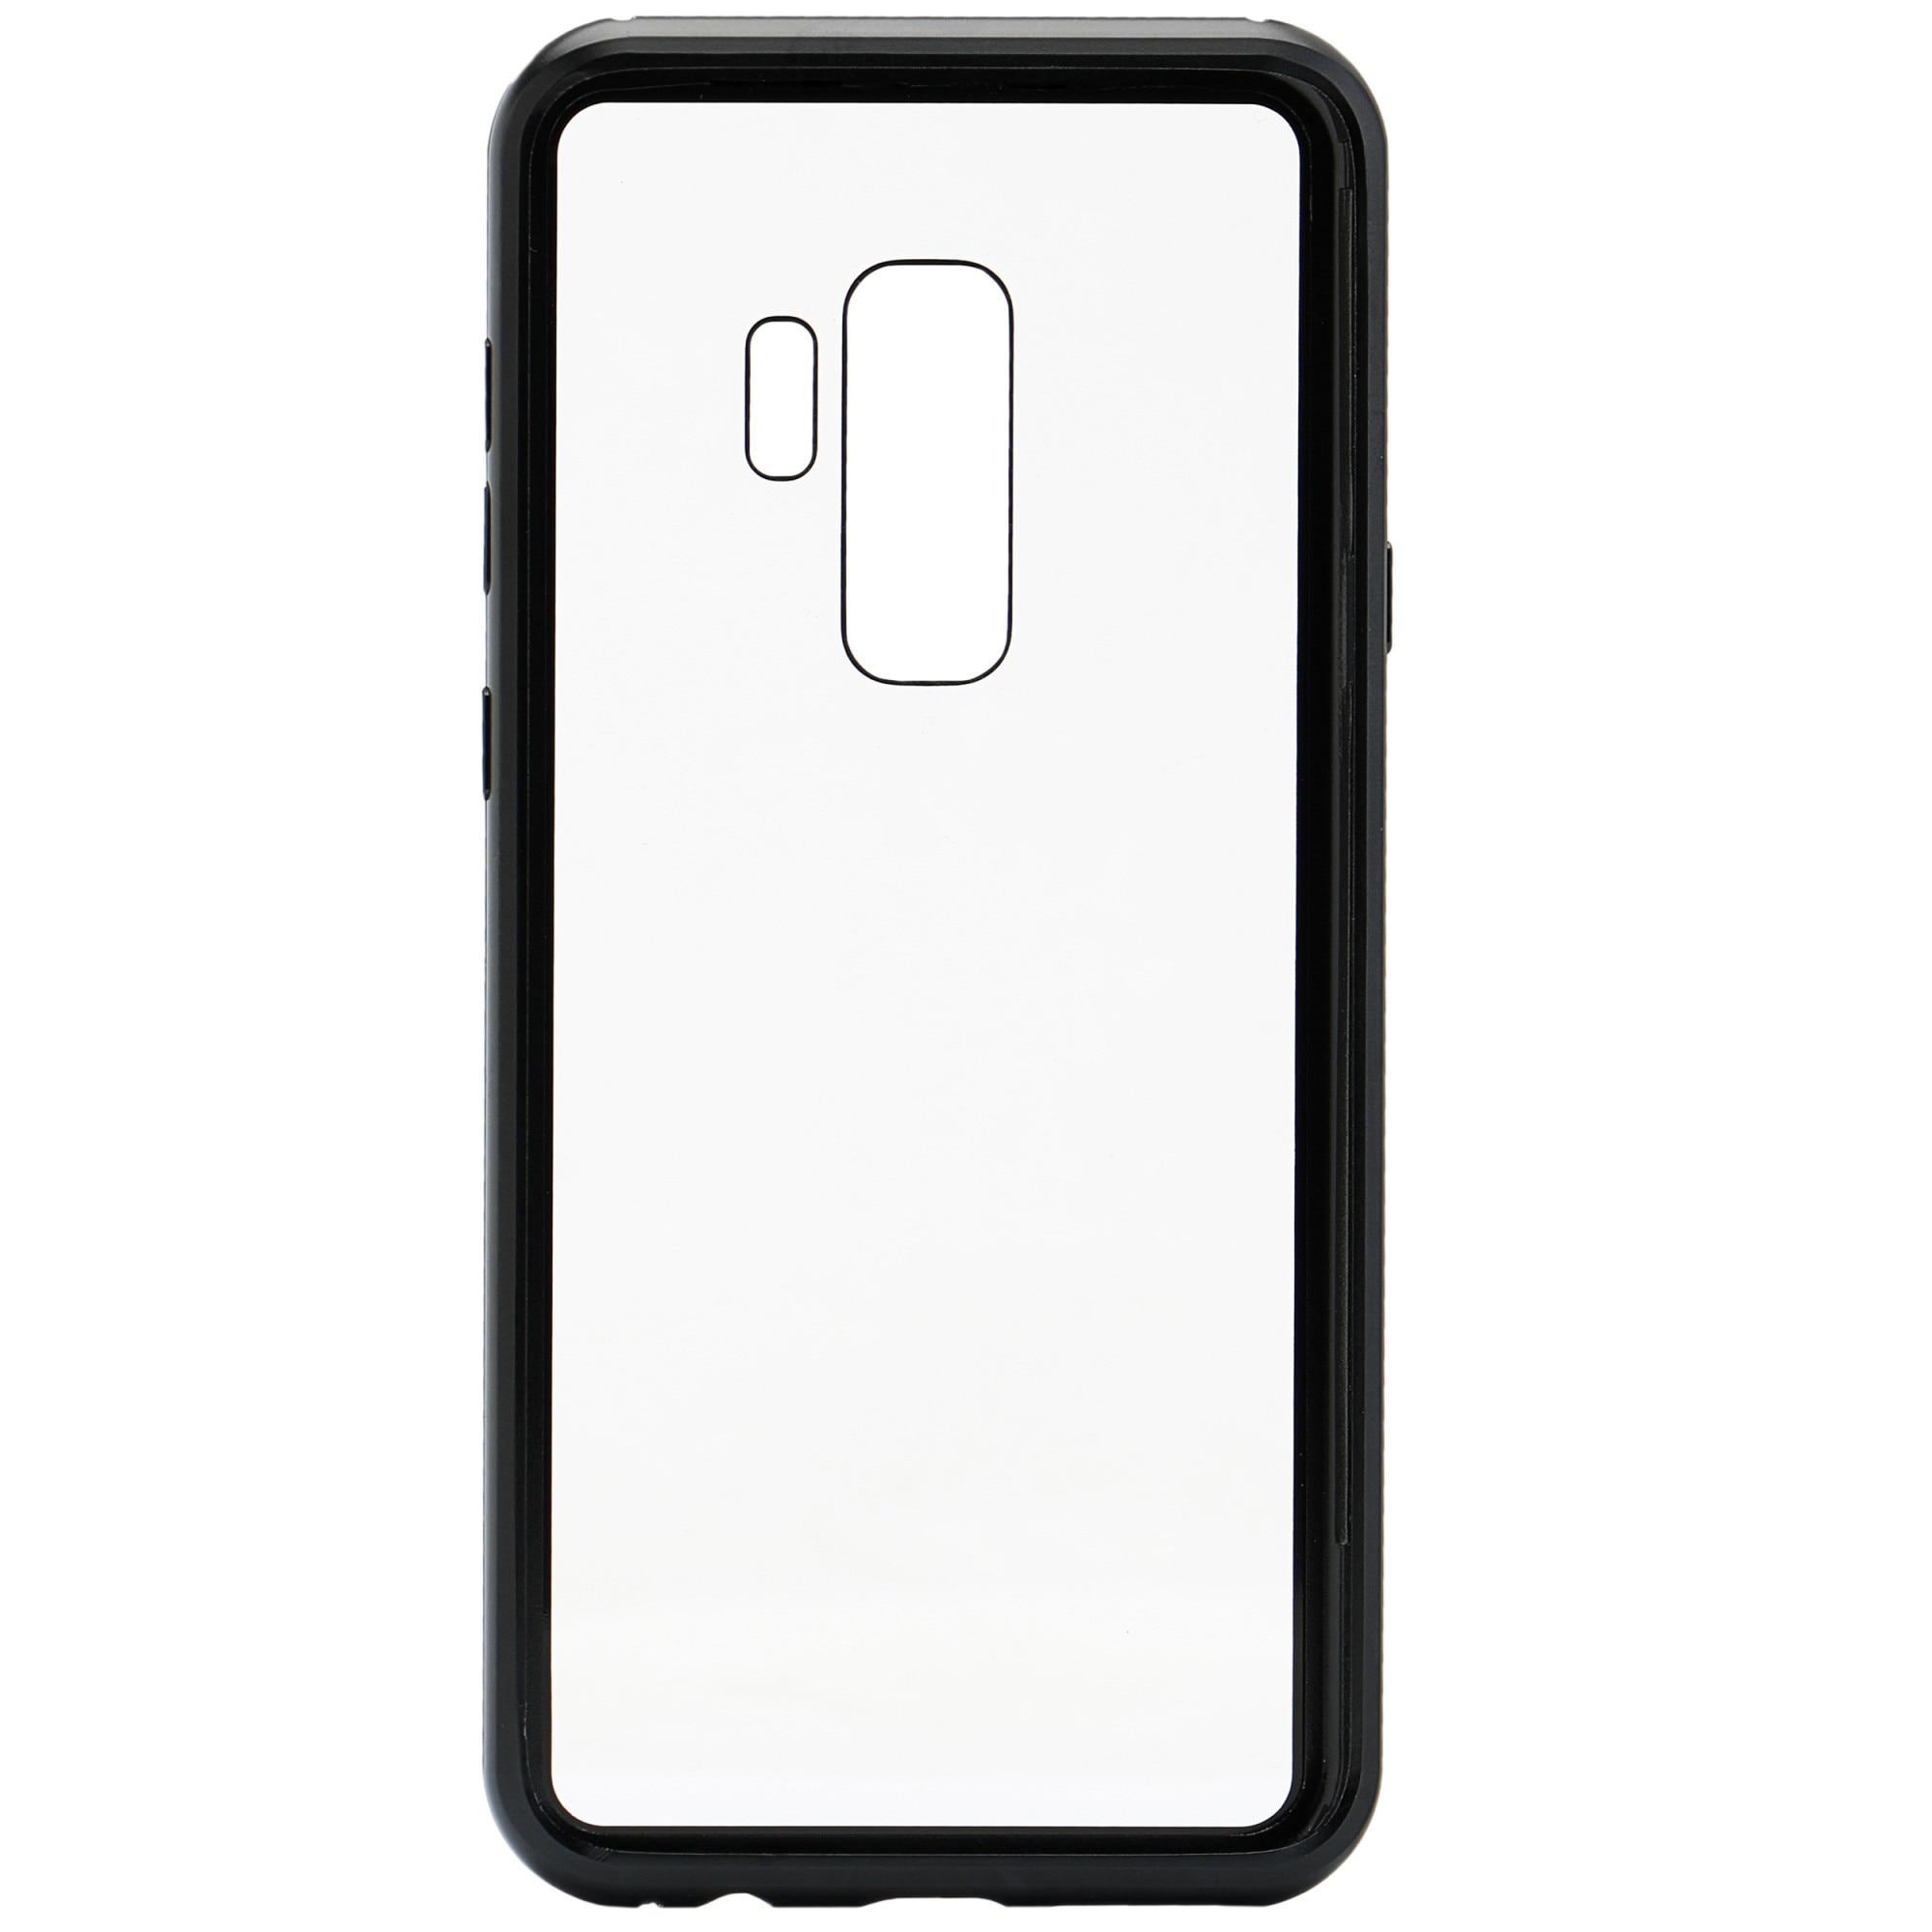 Fotografie Husa de protectie A+ Magneto pentru Samsung S9 Plus